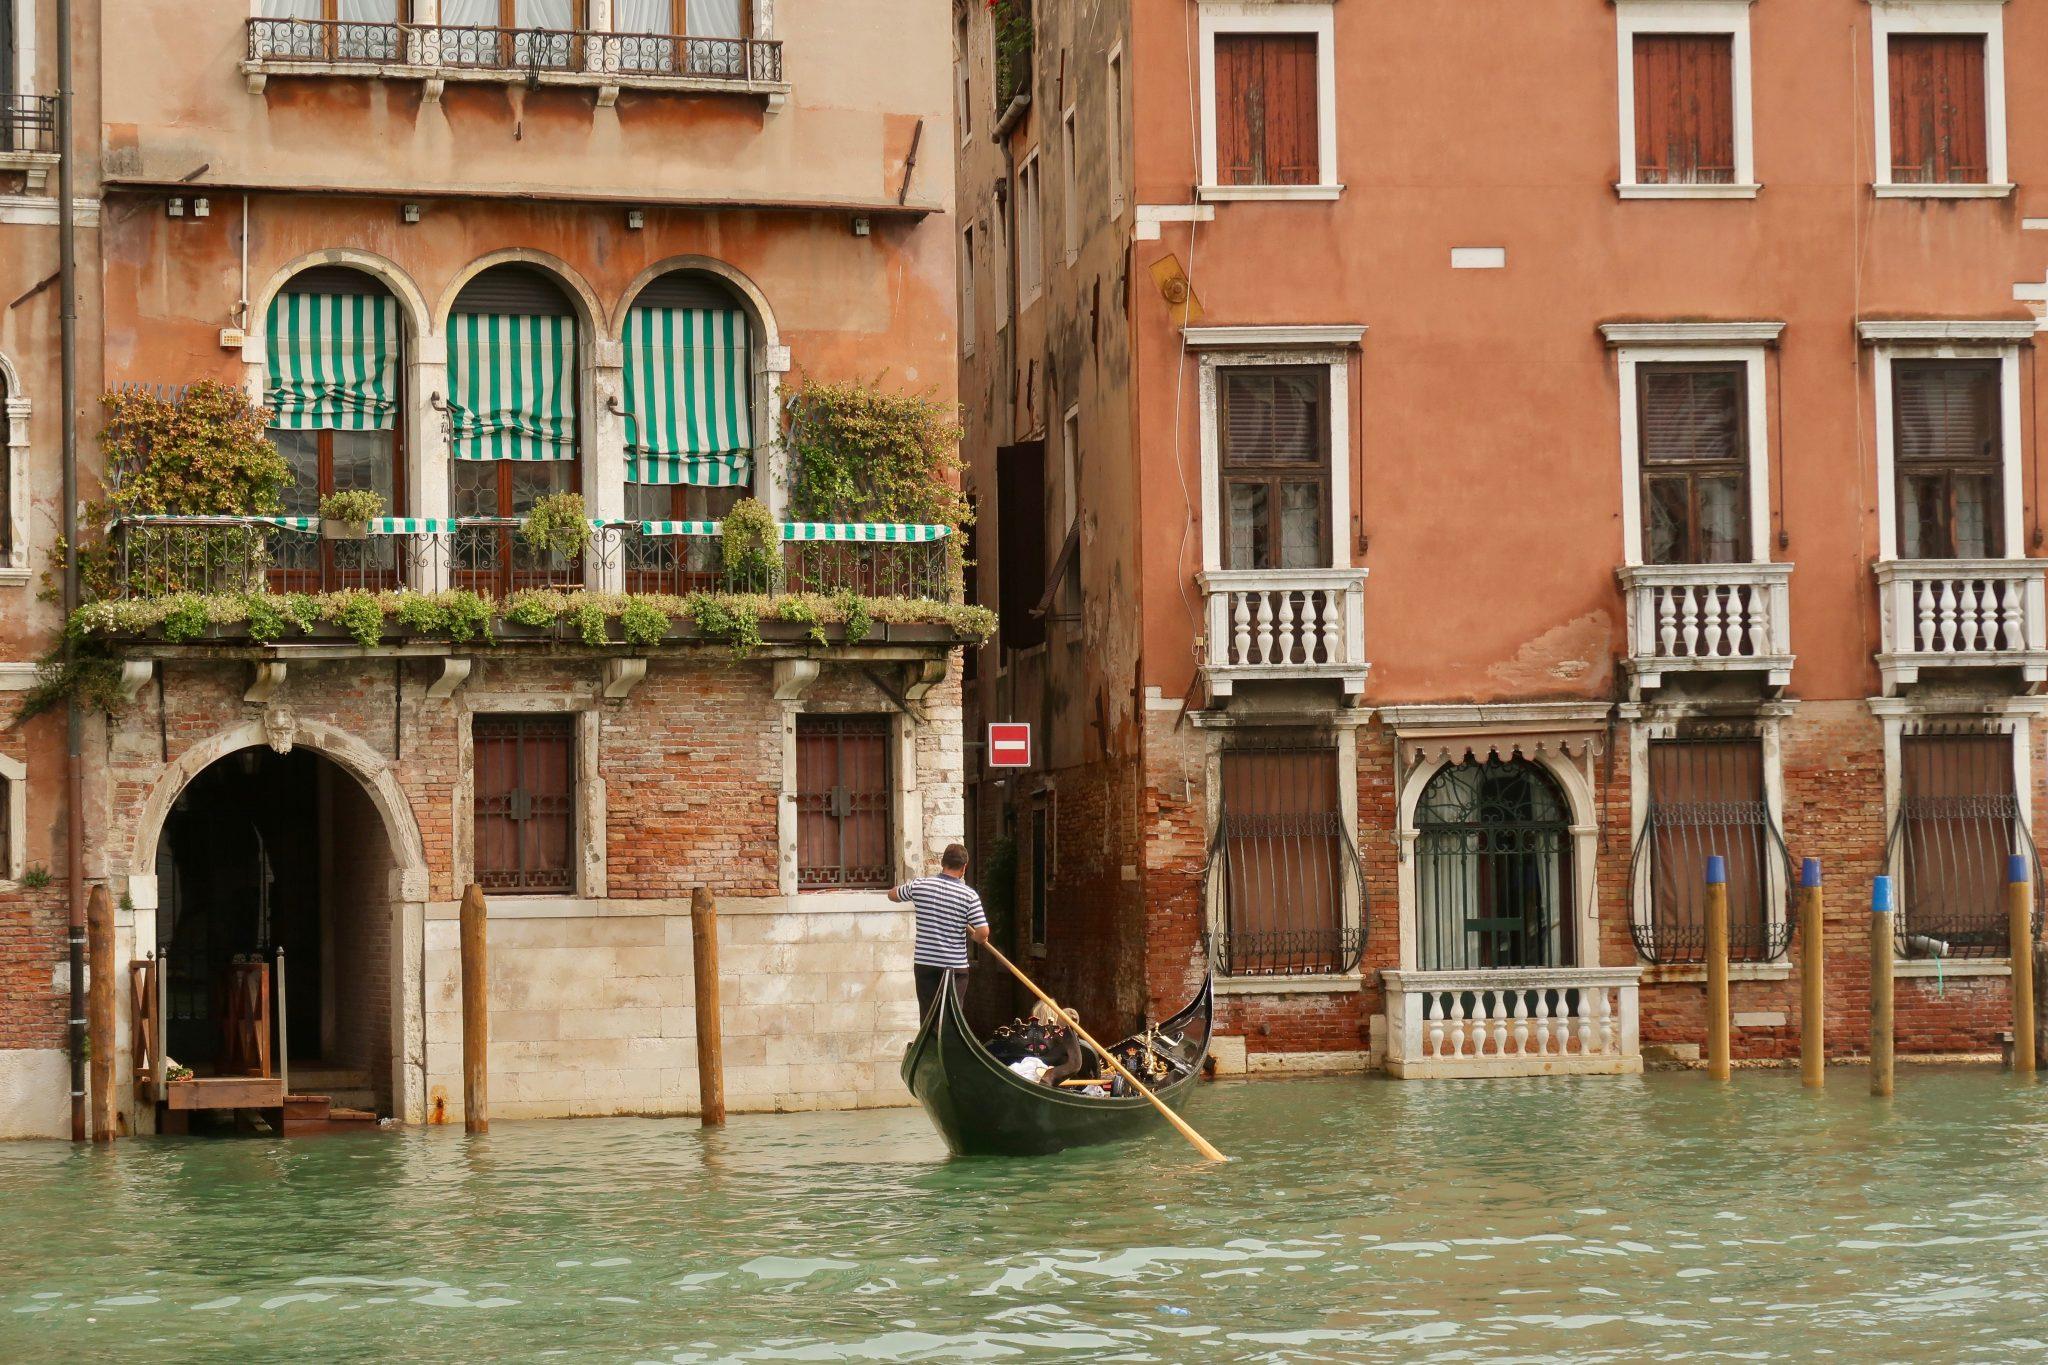 Venedig: Auch hat mich das System sehr verwirrt, denn die Gondel auf dem Bild fährt in eine Einbahnstraße hinein, oder liege ich da falsch?